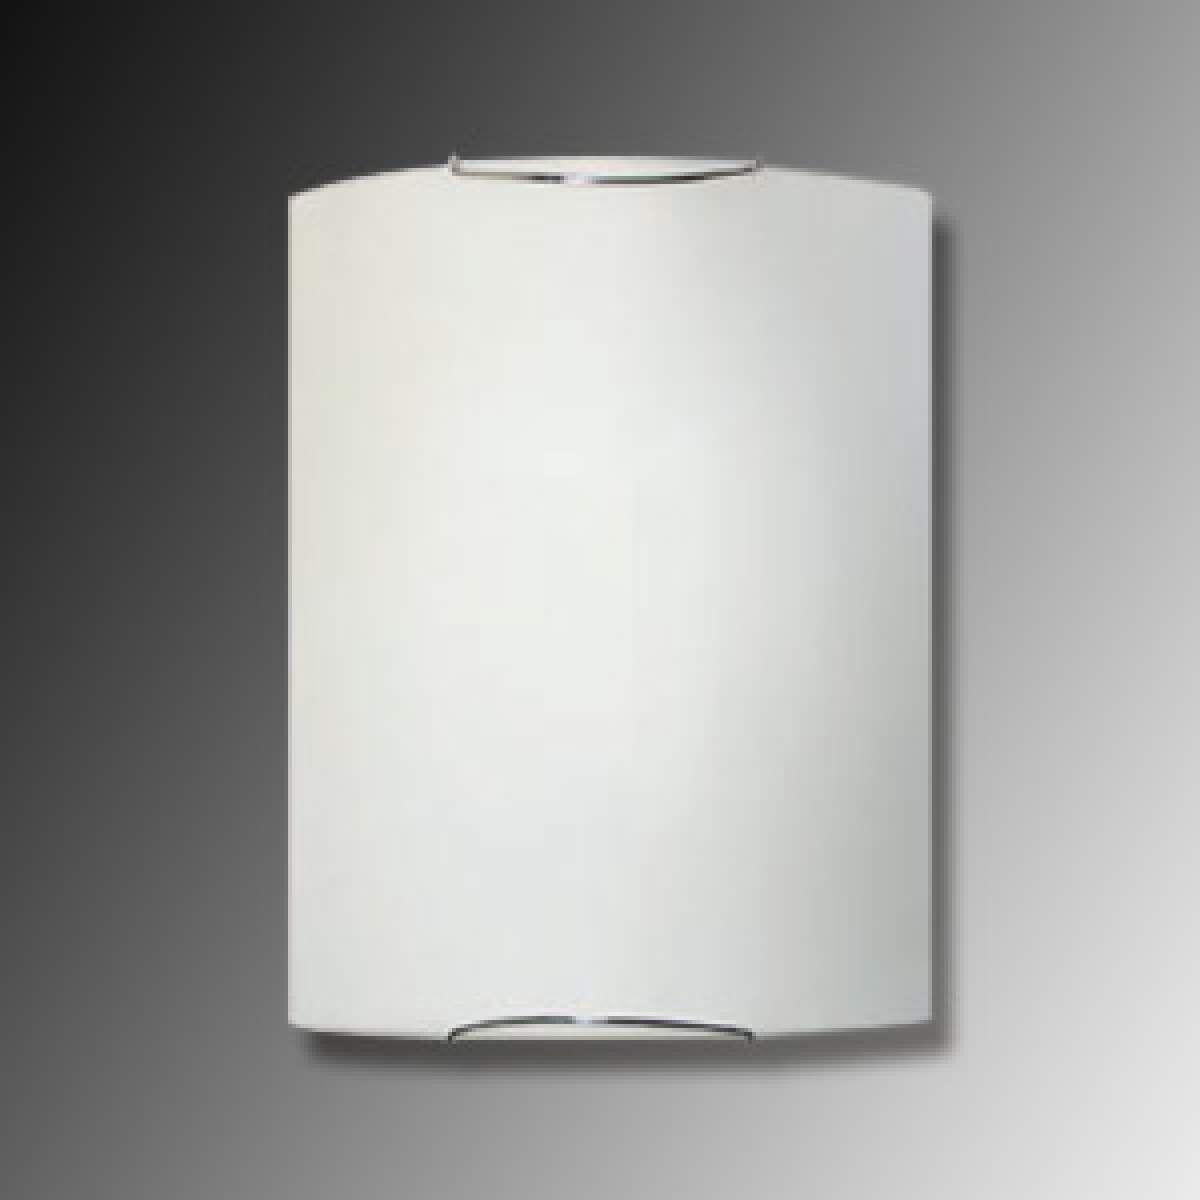 Wandleuchte Dimmbar Schalter Wandlampen Innen Modern Wandbeleuchtung Led Wandleuchten Kleine Led Wandleuchten Led Wandleuchten Wandleuchte Led Wandlampen